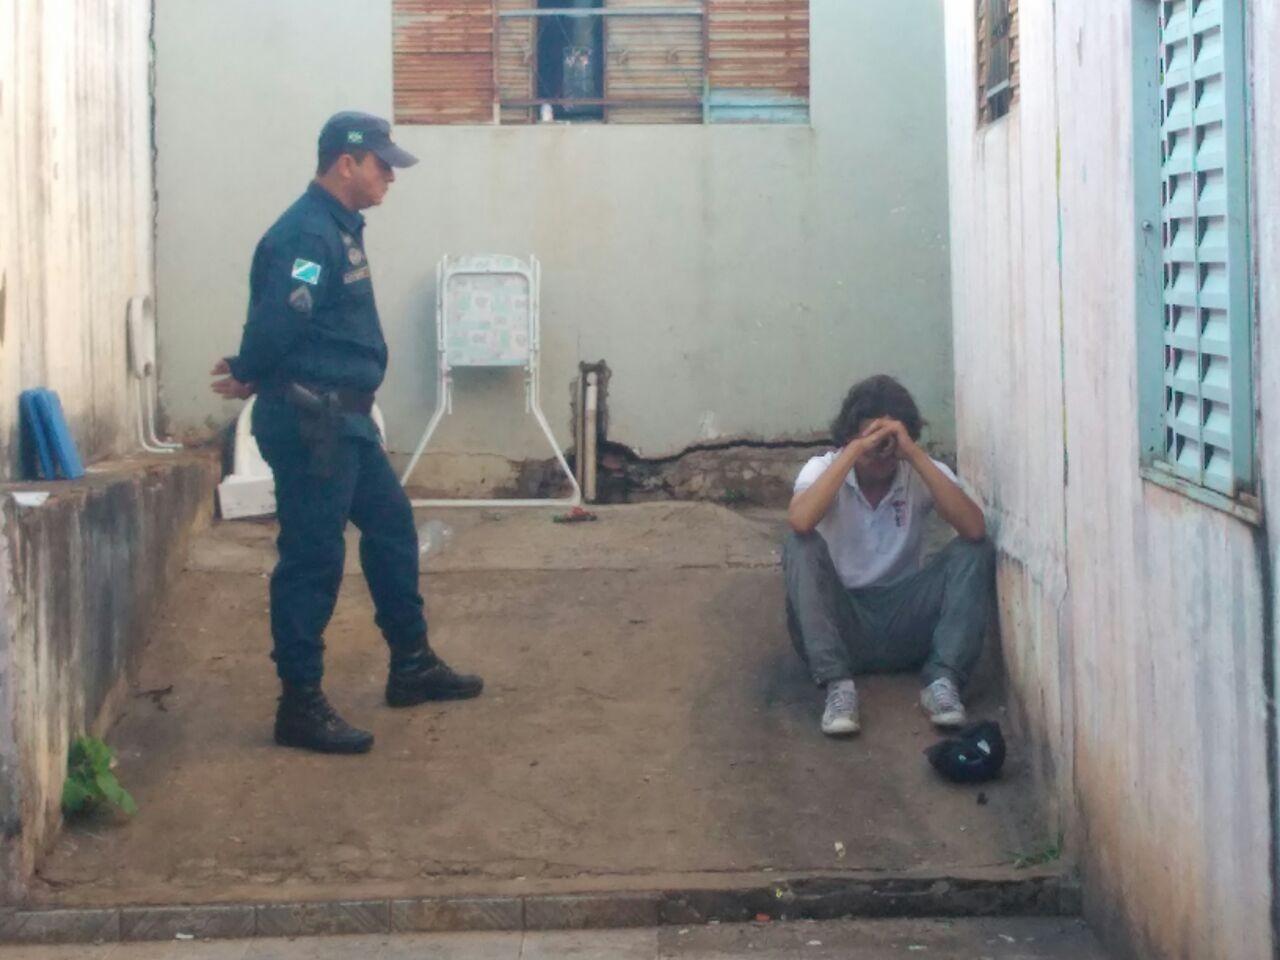 Colombiano é preso ao ferir e tentar incendiar casa da ex-mulher em MS, diz polícia